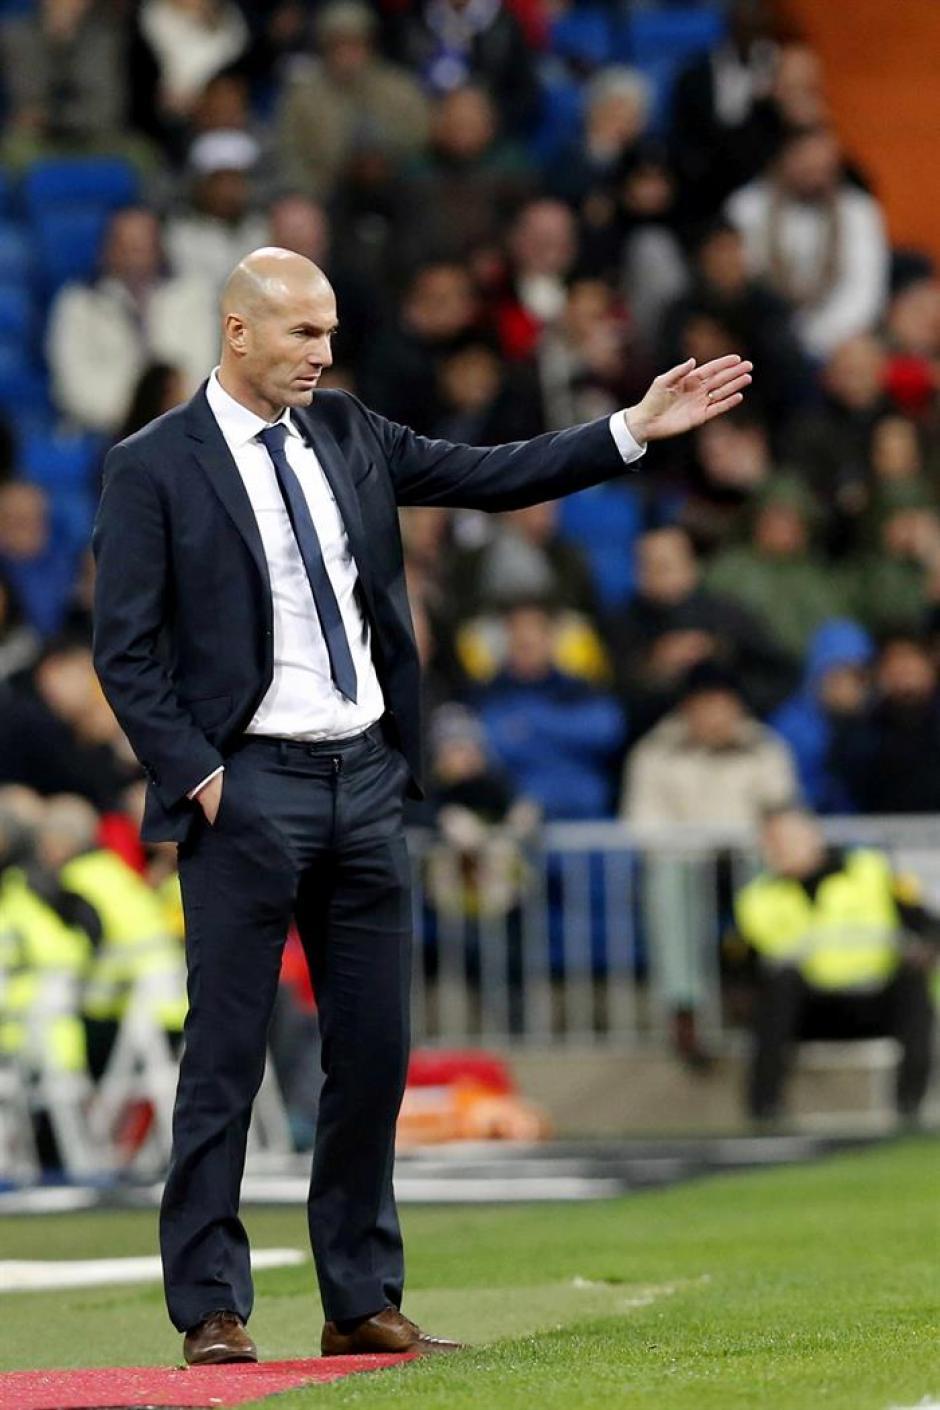 El francés, Zinedine Zidane, debutó con goleada en el banquillo de Real Madrid. Estuvo de pie casi los 90 minutos, lució con traje formal.(Foto: EFE)